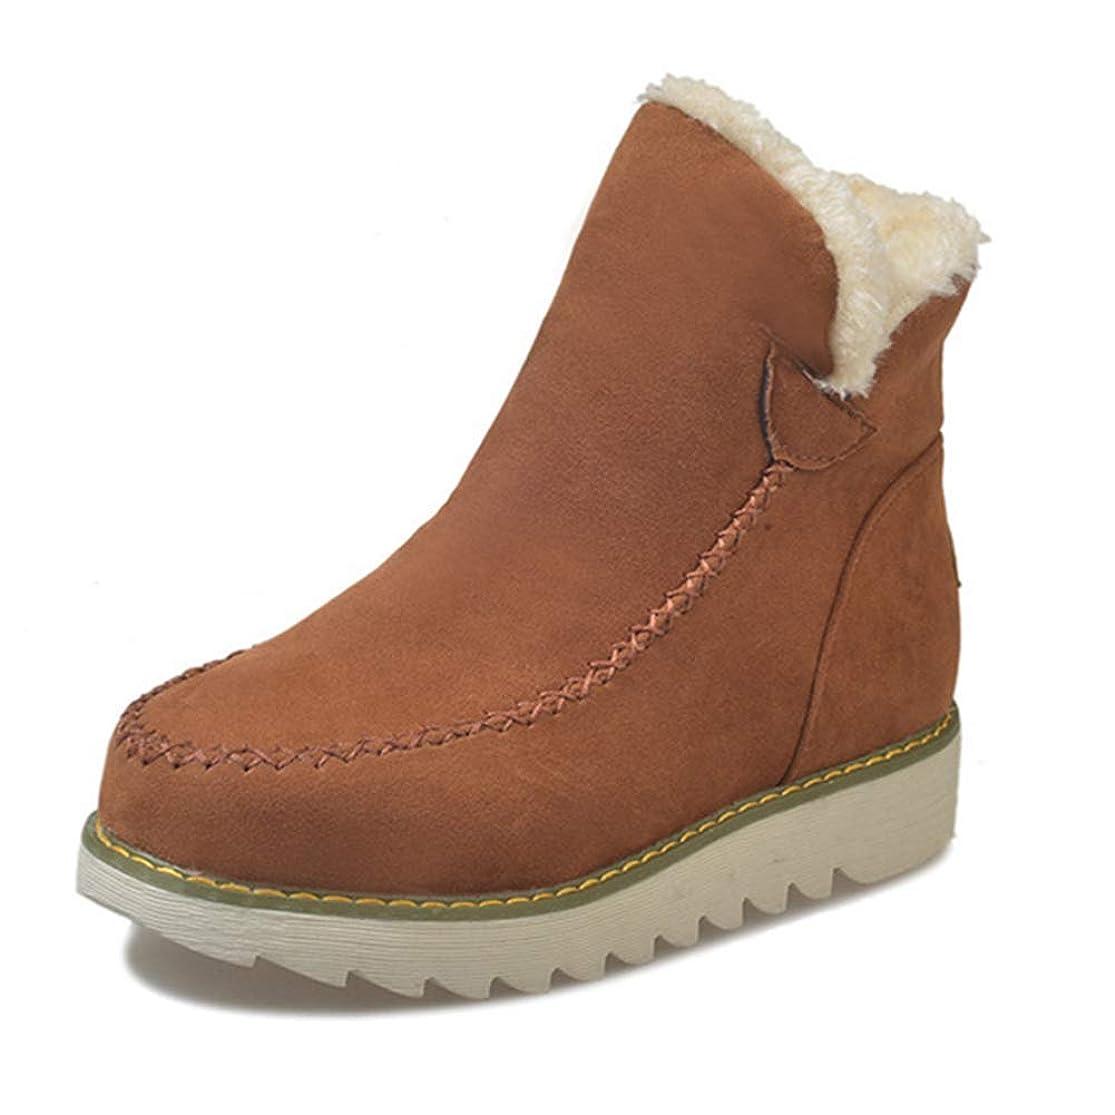 目的リファイン役立つ[AcMeer] スノーブーツ ムートンブーツ レディース 裏ボア 防寒ブーツ ふわふわ 滑り止め 履きやすい スエード 裏起毛 カジュアル 綿靴 冬靴 通学 通勤用 アウトドアブーツ ブラウン ベージュ